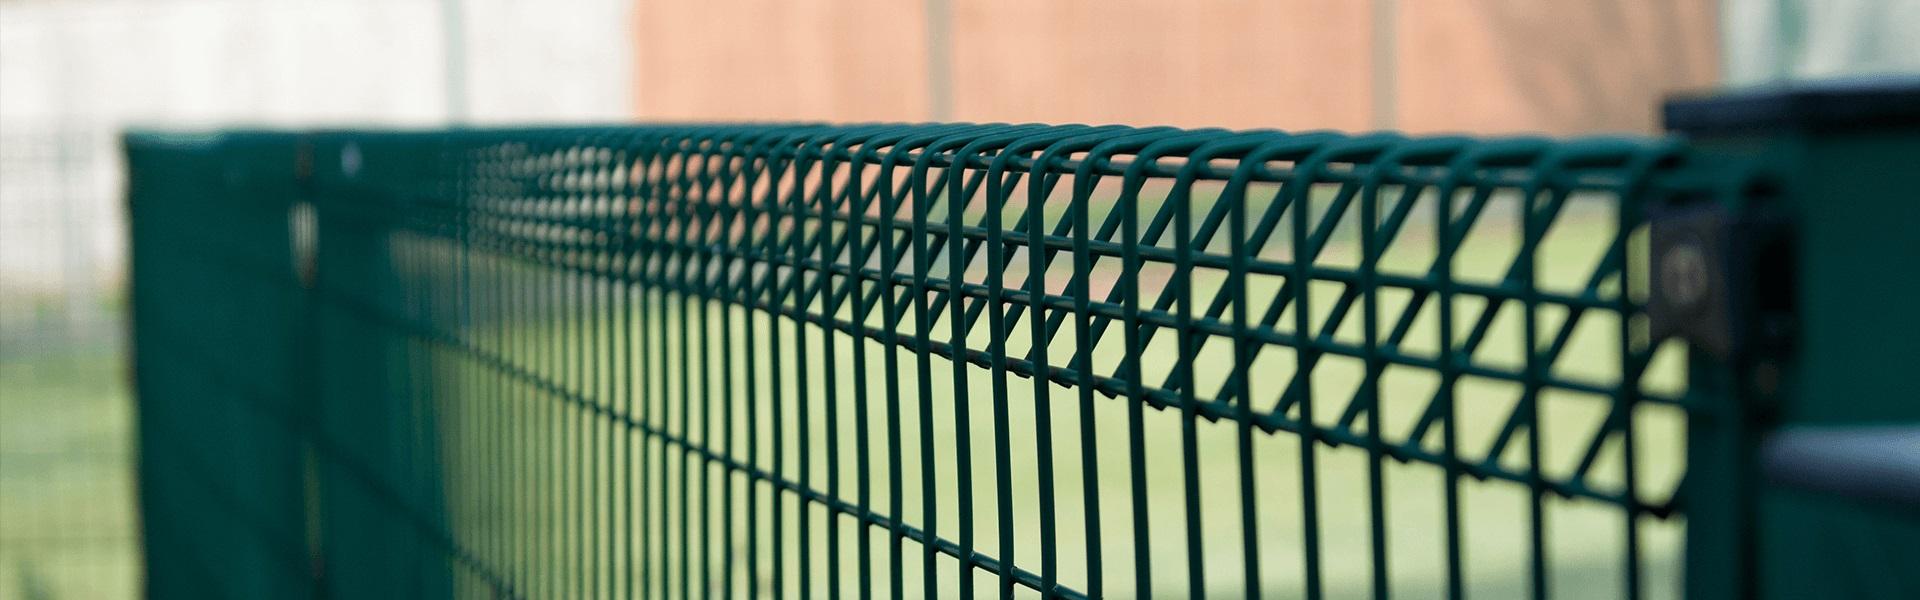 شبکه سیم نرده ای جوش داده شده Welded wire fencing